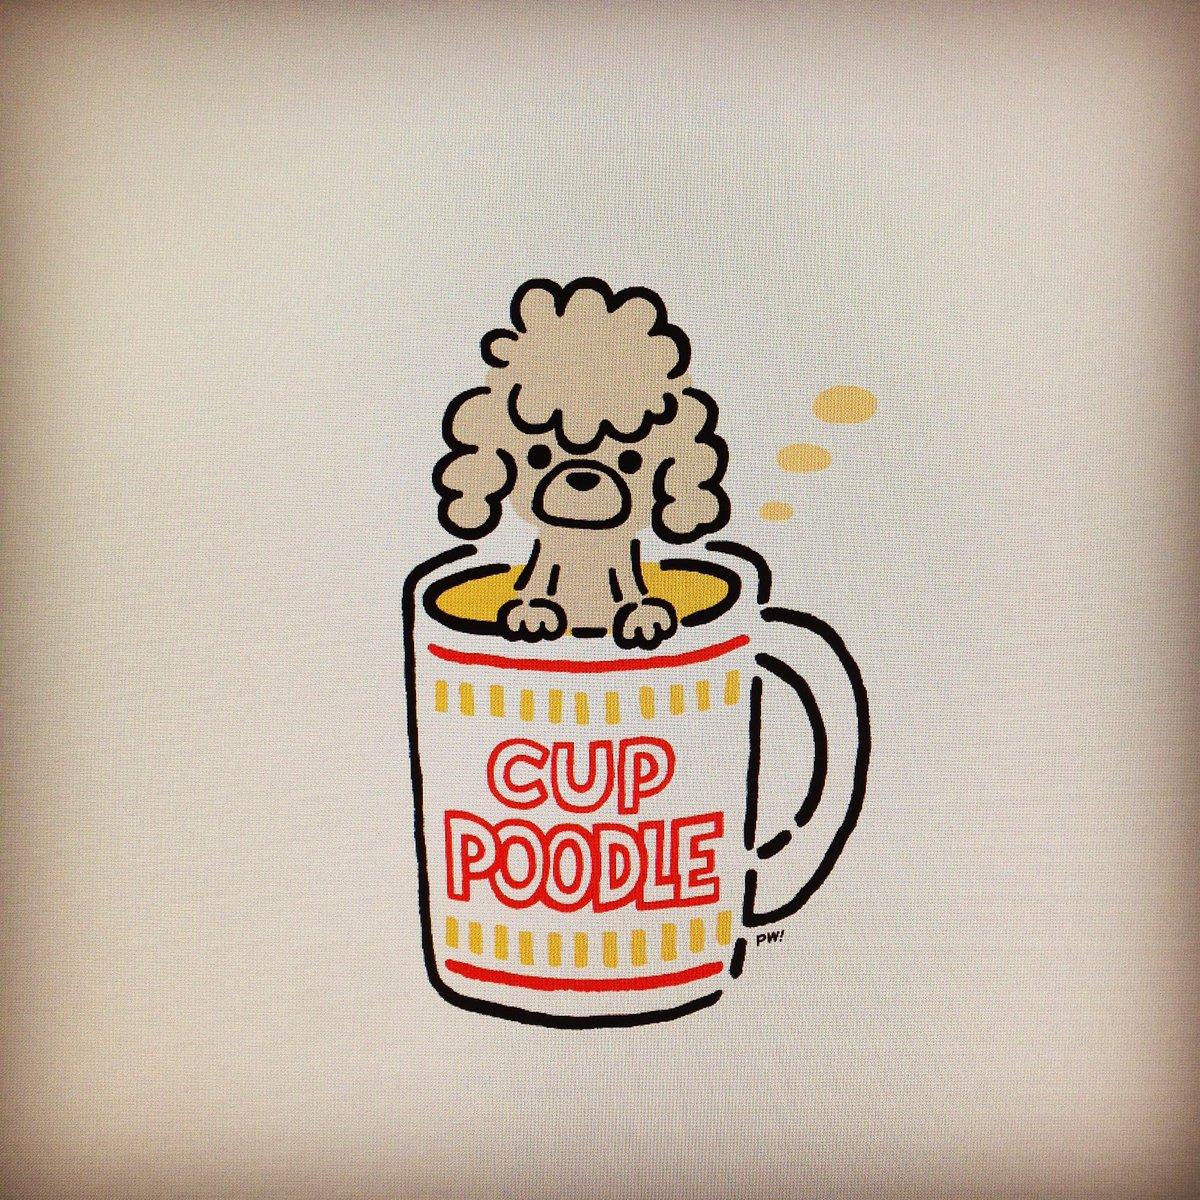 カッププードル CUP POODLE https://t.co/hM5hdZnloX